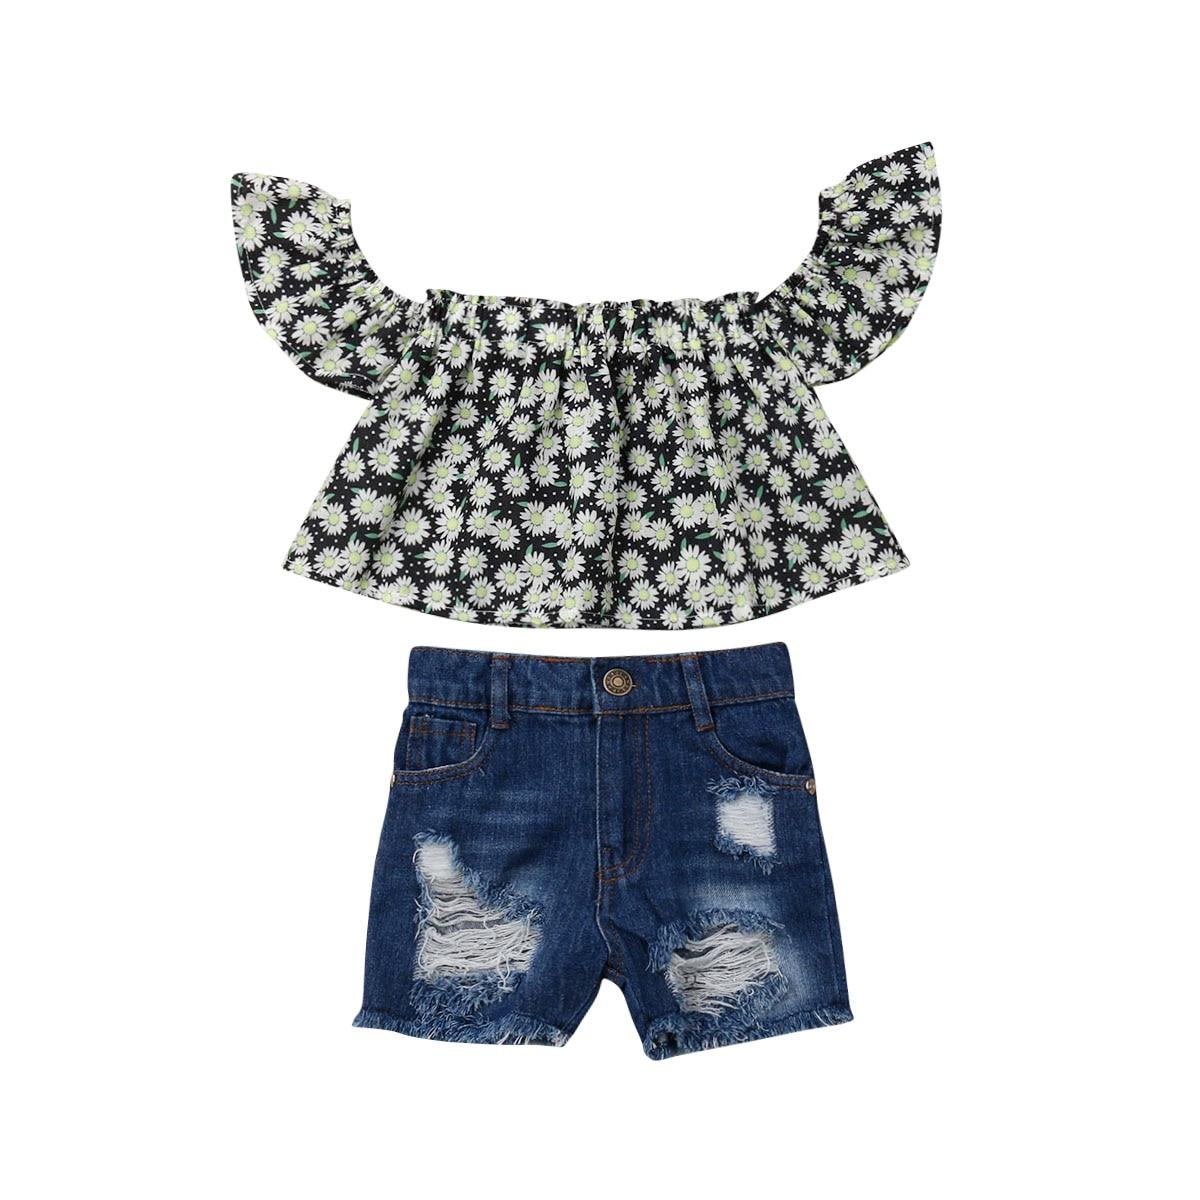 2abd7f45580f5c5 Летний топ с открытыми плечами и цветочным принтом для маленьких девочек  2-7 лет, рваные джинсовые шорты, джинсы, комплект из 2 предметов, комп.